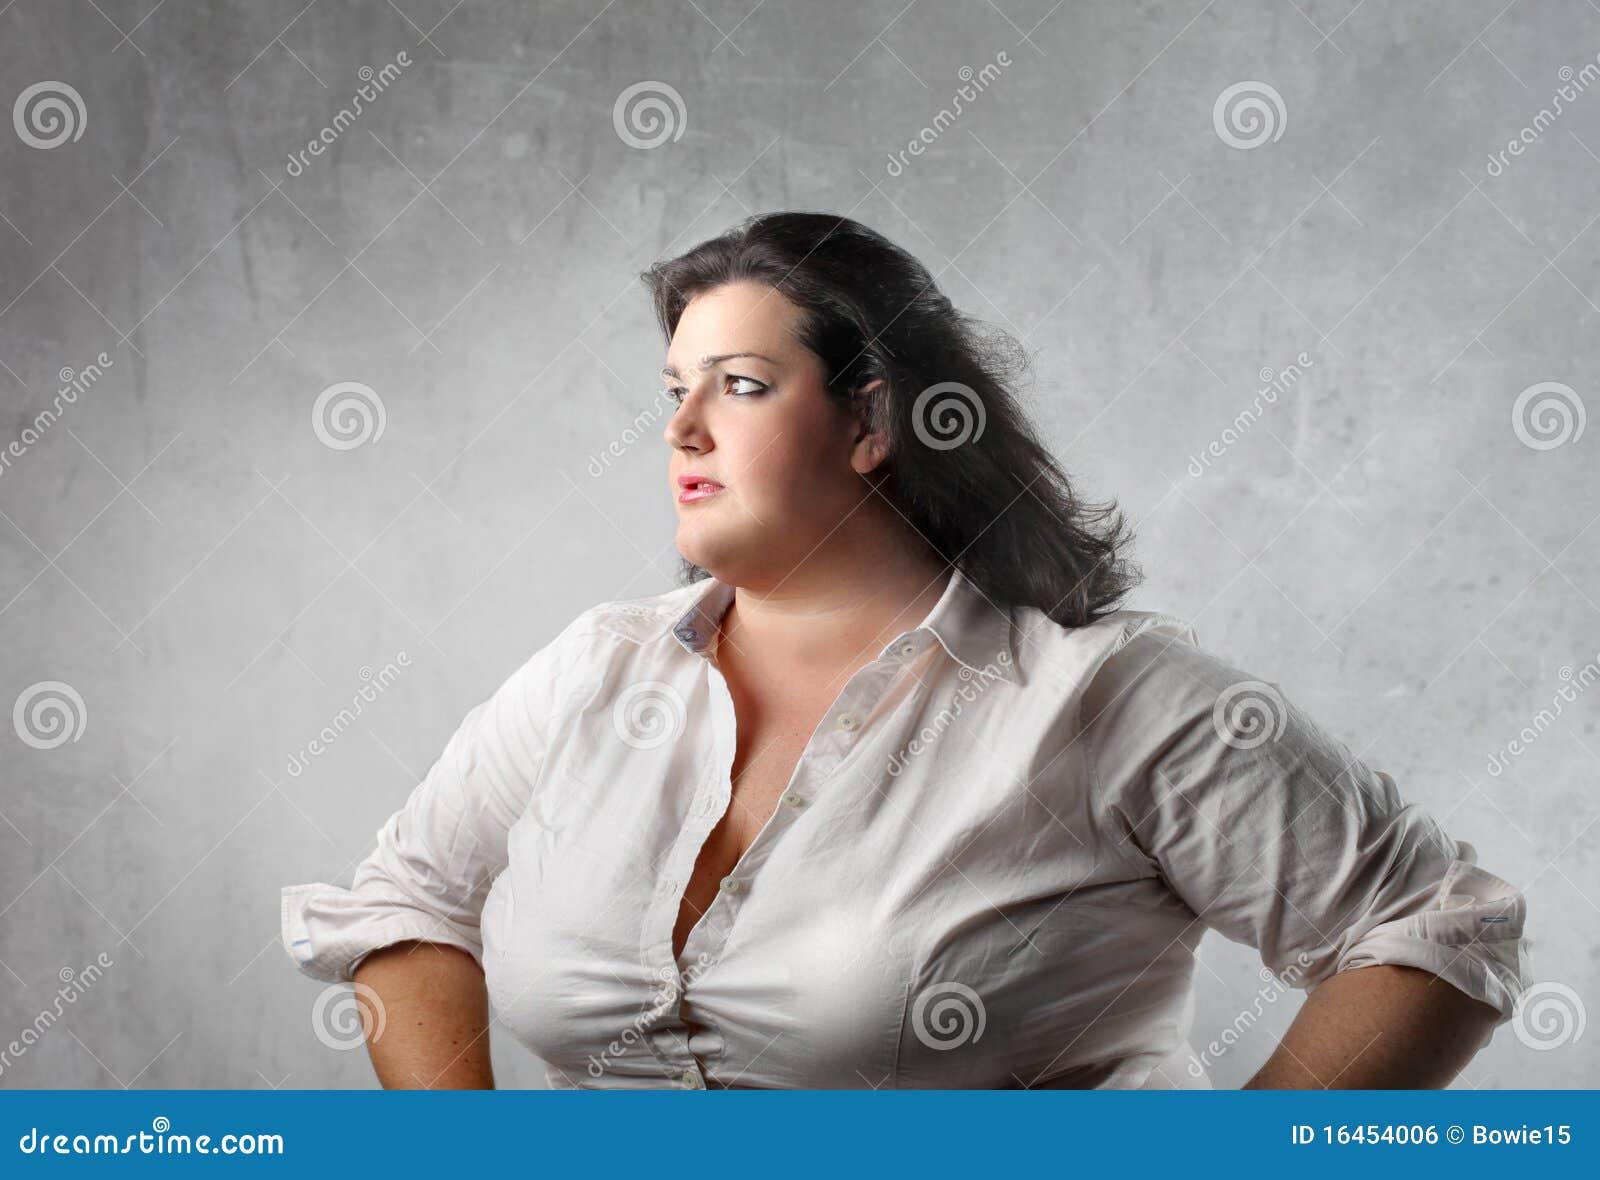 Толстые тётки в возрасте, Зрелые толстые женщины. Порно зрелые толстушки 1 фотография